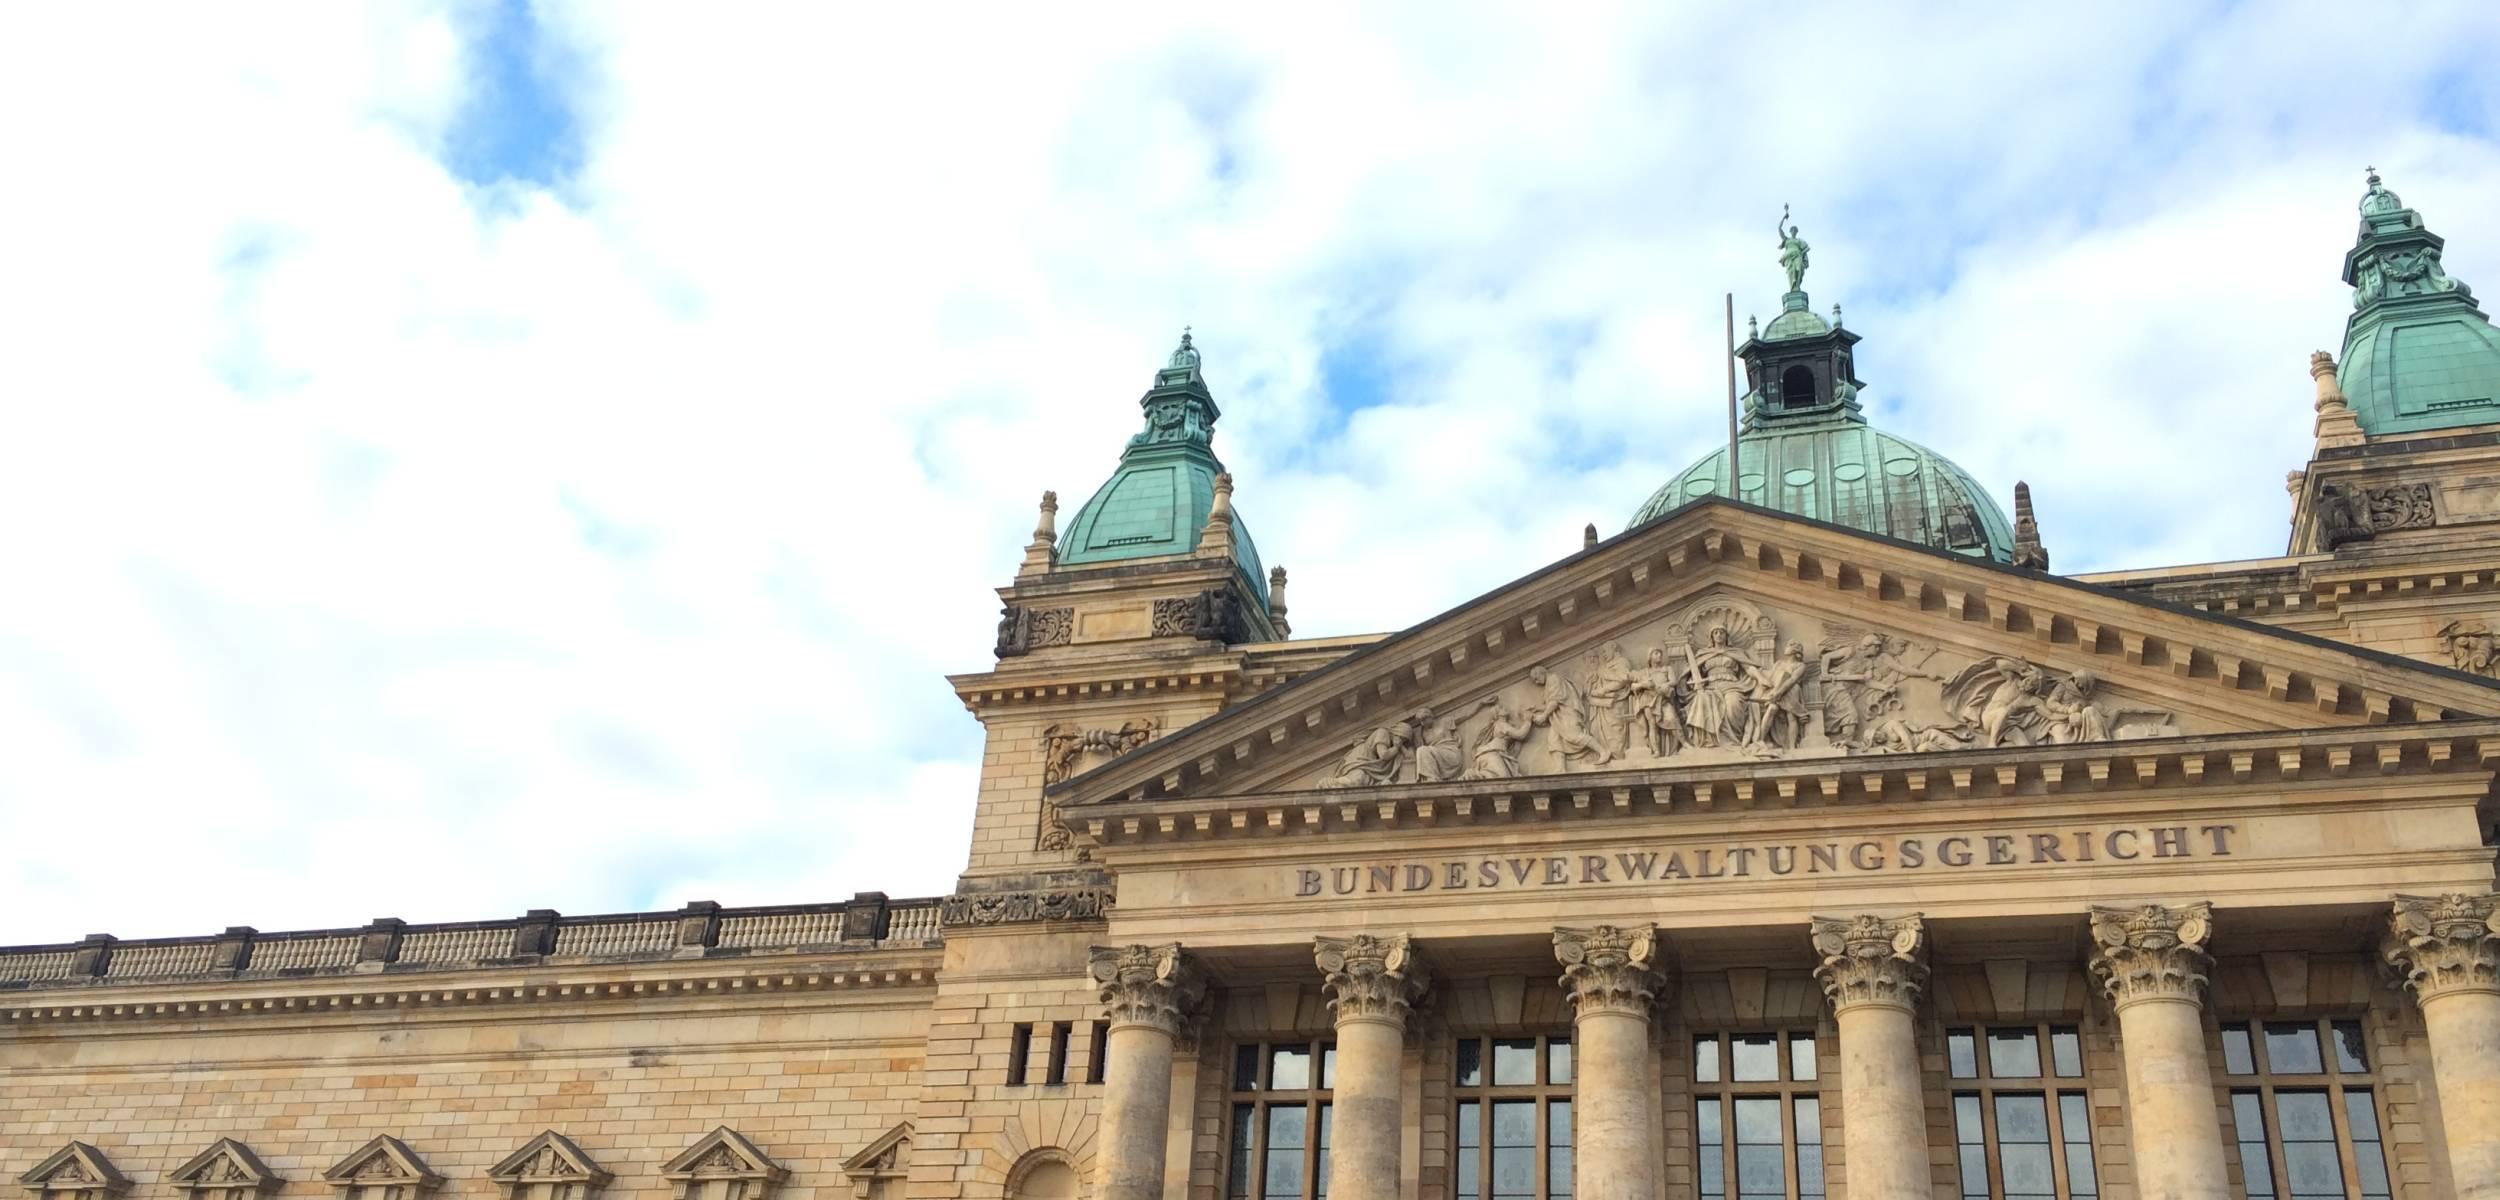 StA sieht Verdacht auf Rechtsbeugung: Erneute Durchsuchung beim Familienrichter des AG Weimar, lto.de v. 30.06.2021